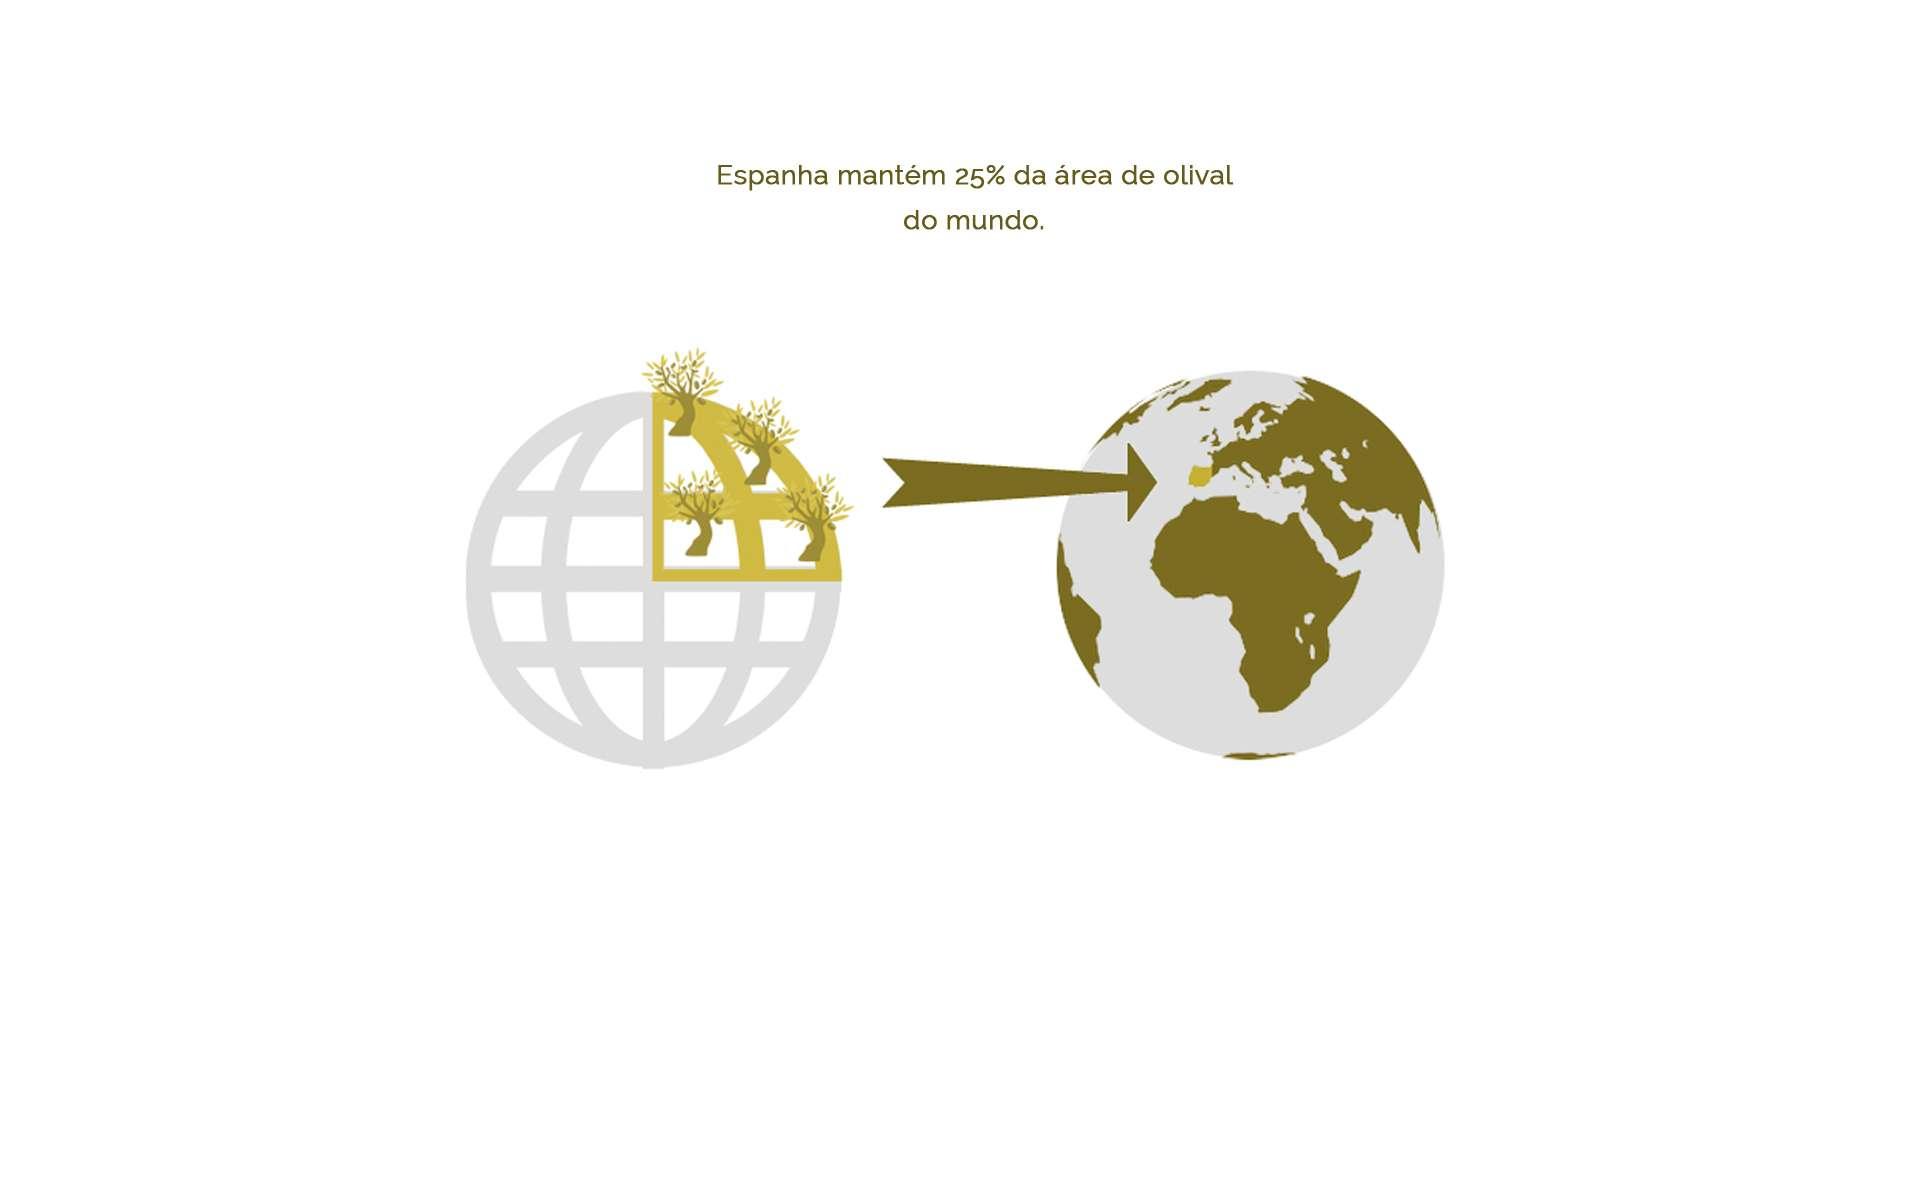 Espanha reúne 25% da superfície de olival do mundo